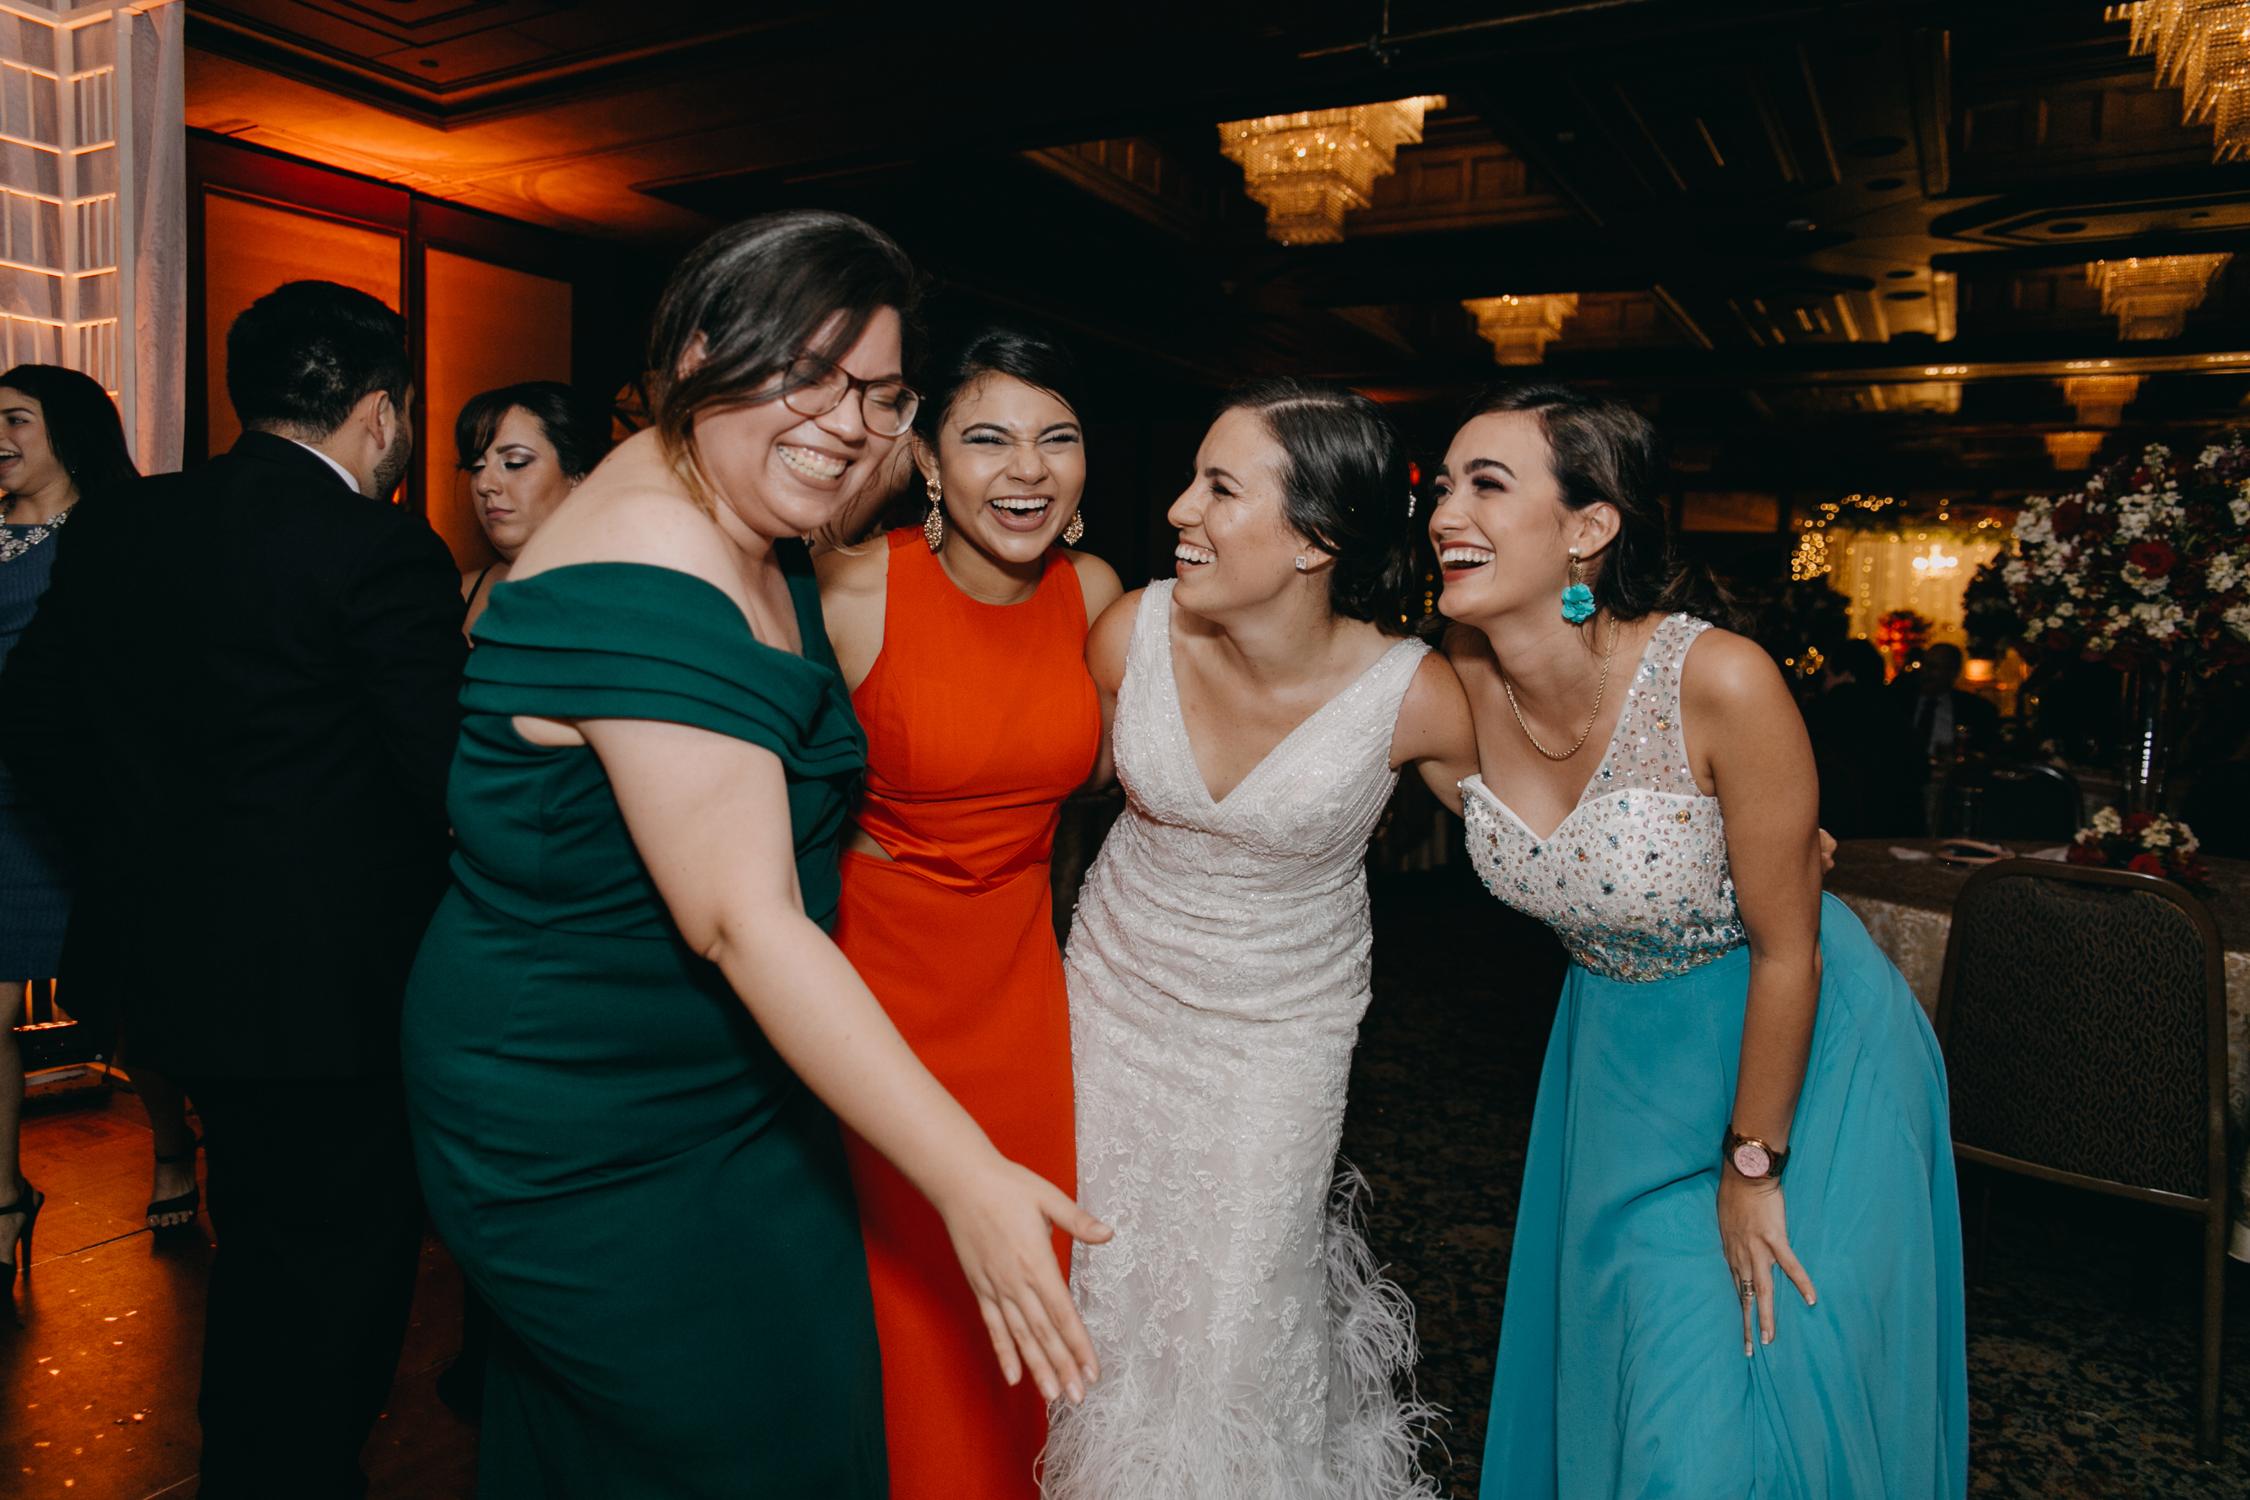 Michelle-Agurto-Fotografia-Bodas-Ecuador-Destination-Wedding-Photographer-Ecuador-Mercedes-Alvaro-267.JPG